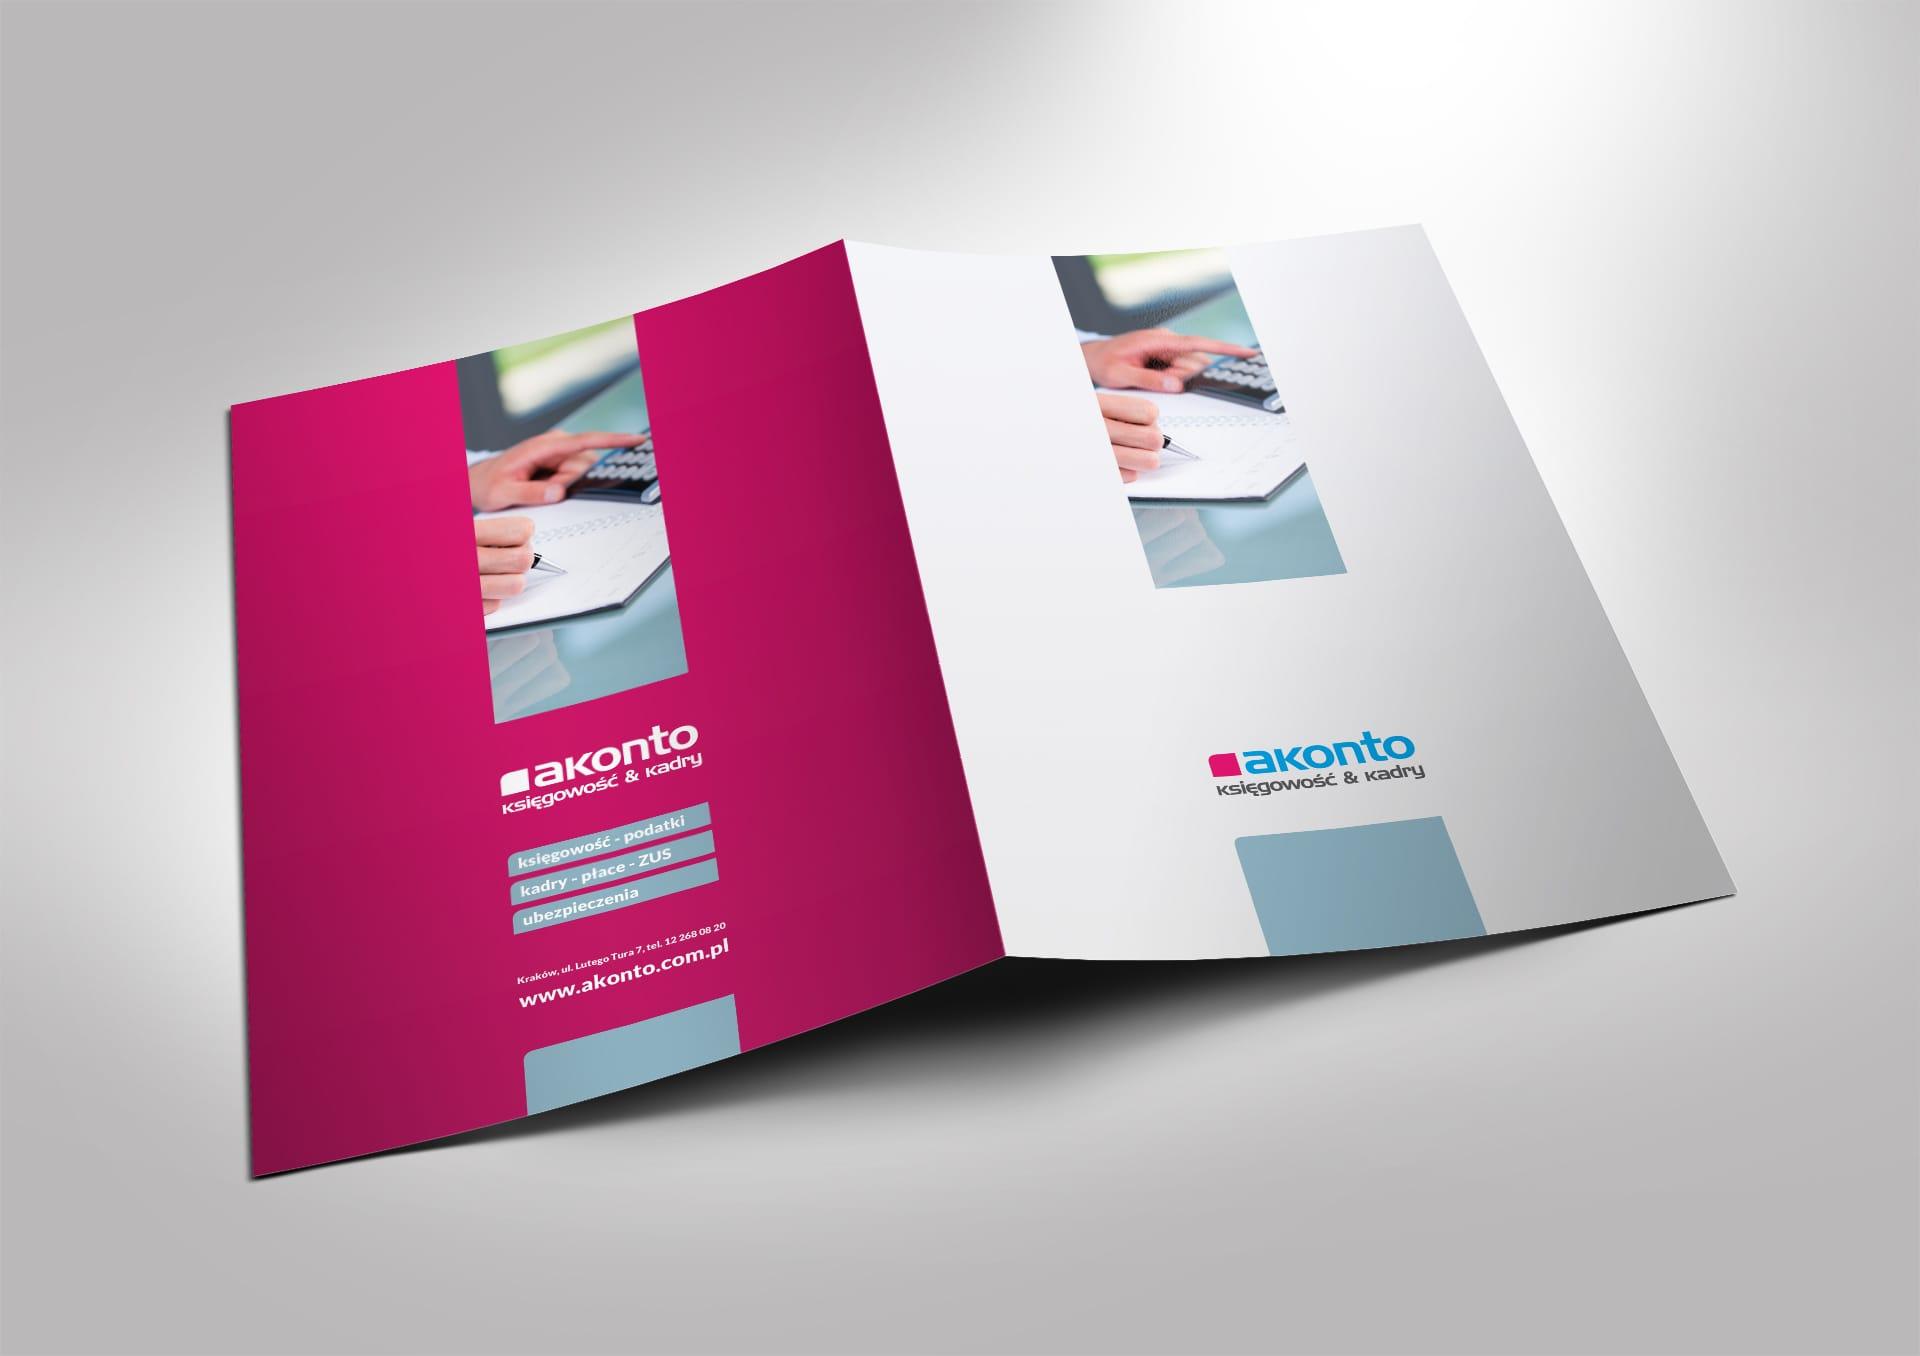 Akonto zestaw brandingowy, rebranding logo firmowego, akcydensy, teczki reklamowe, reklamy zewnętrzne